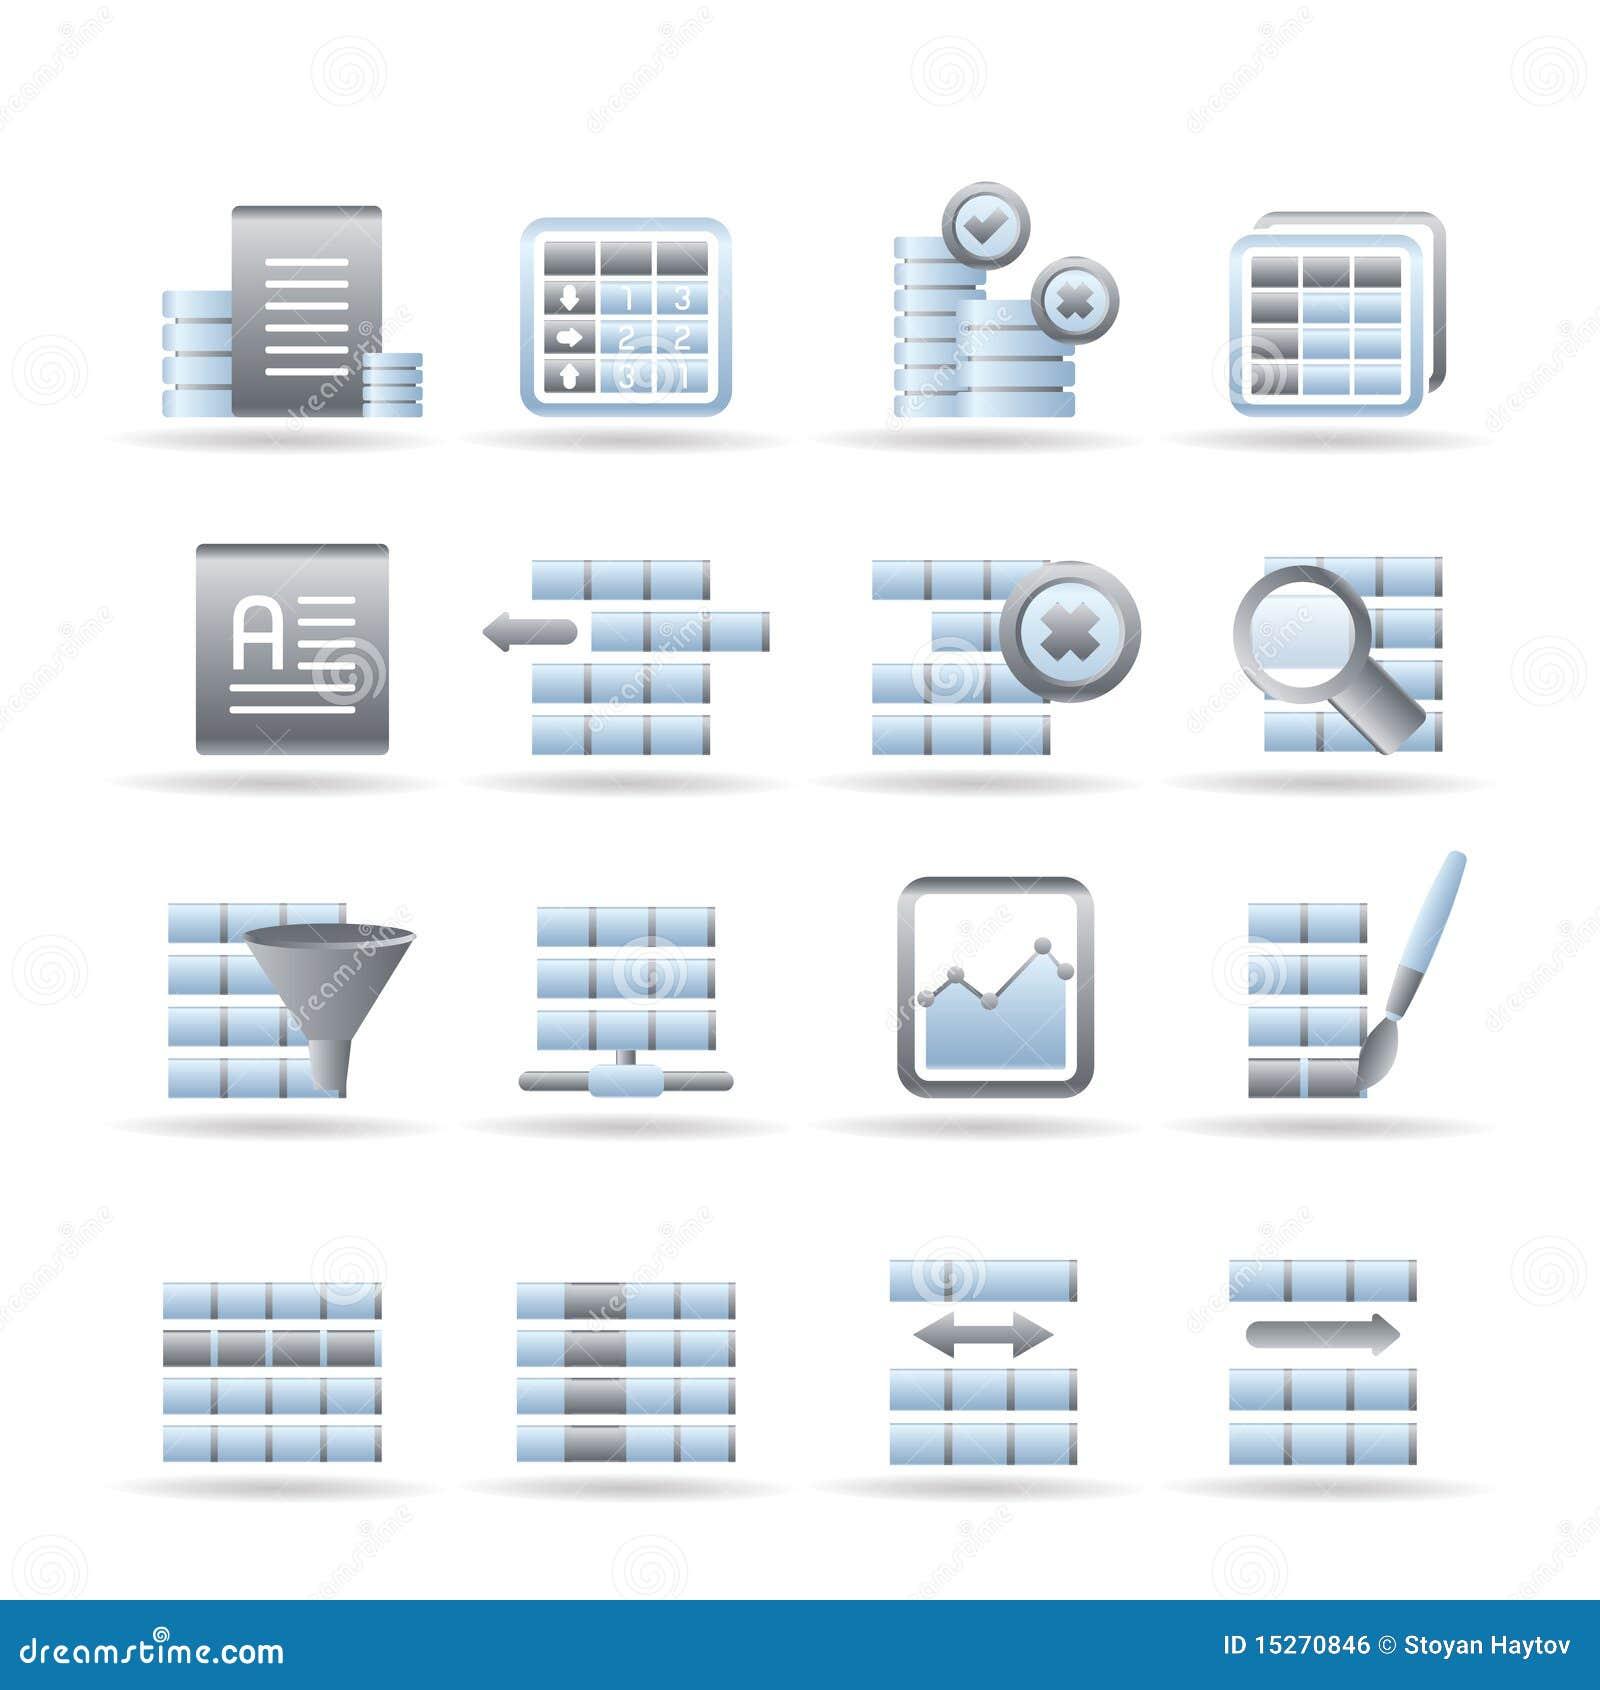 数据库格式化图标表图片